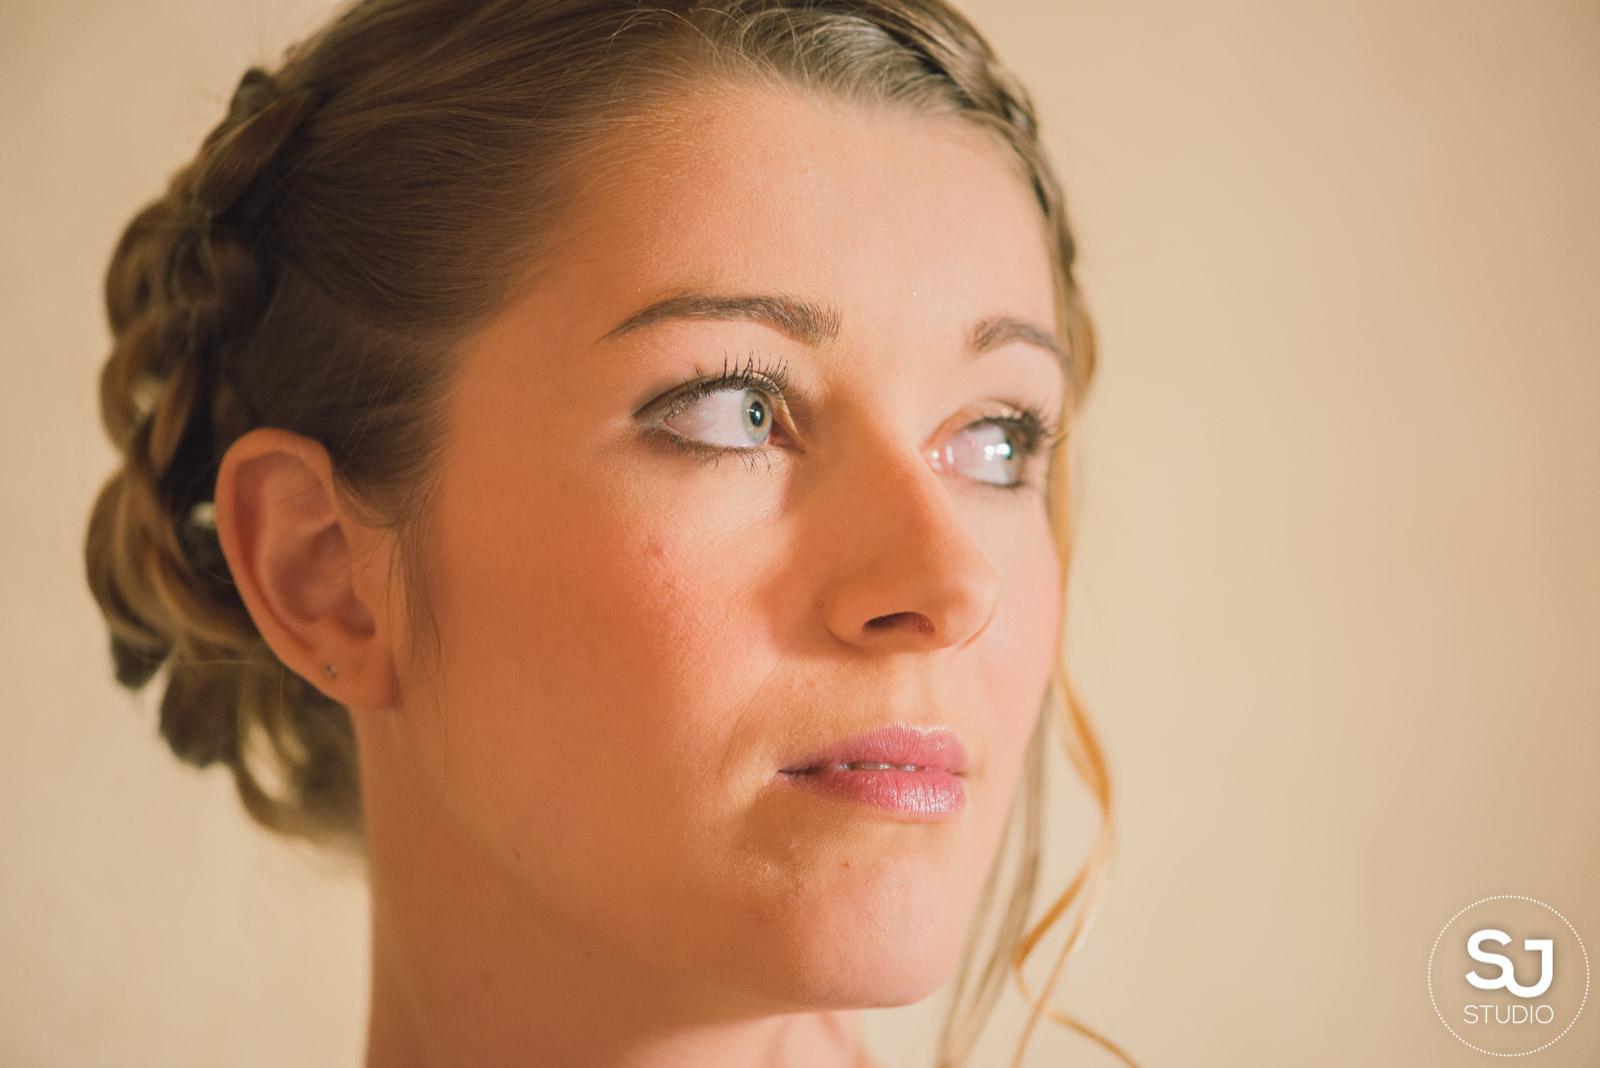 17 - Photographe de Mariage Portrait Arles